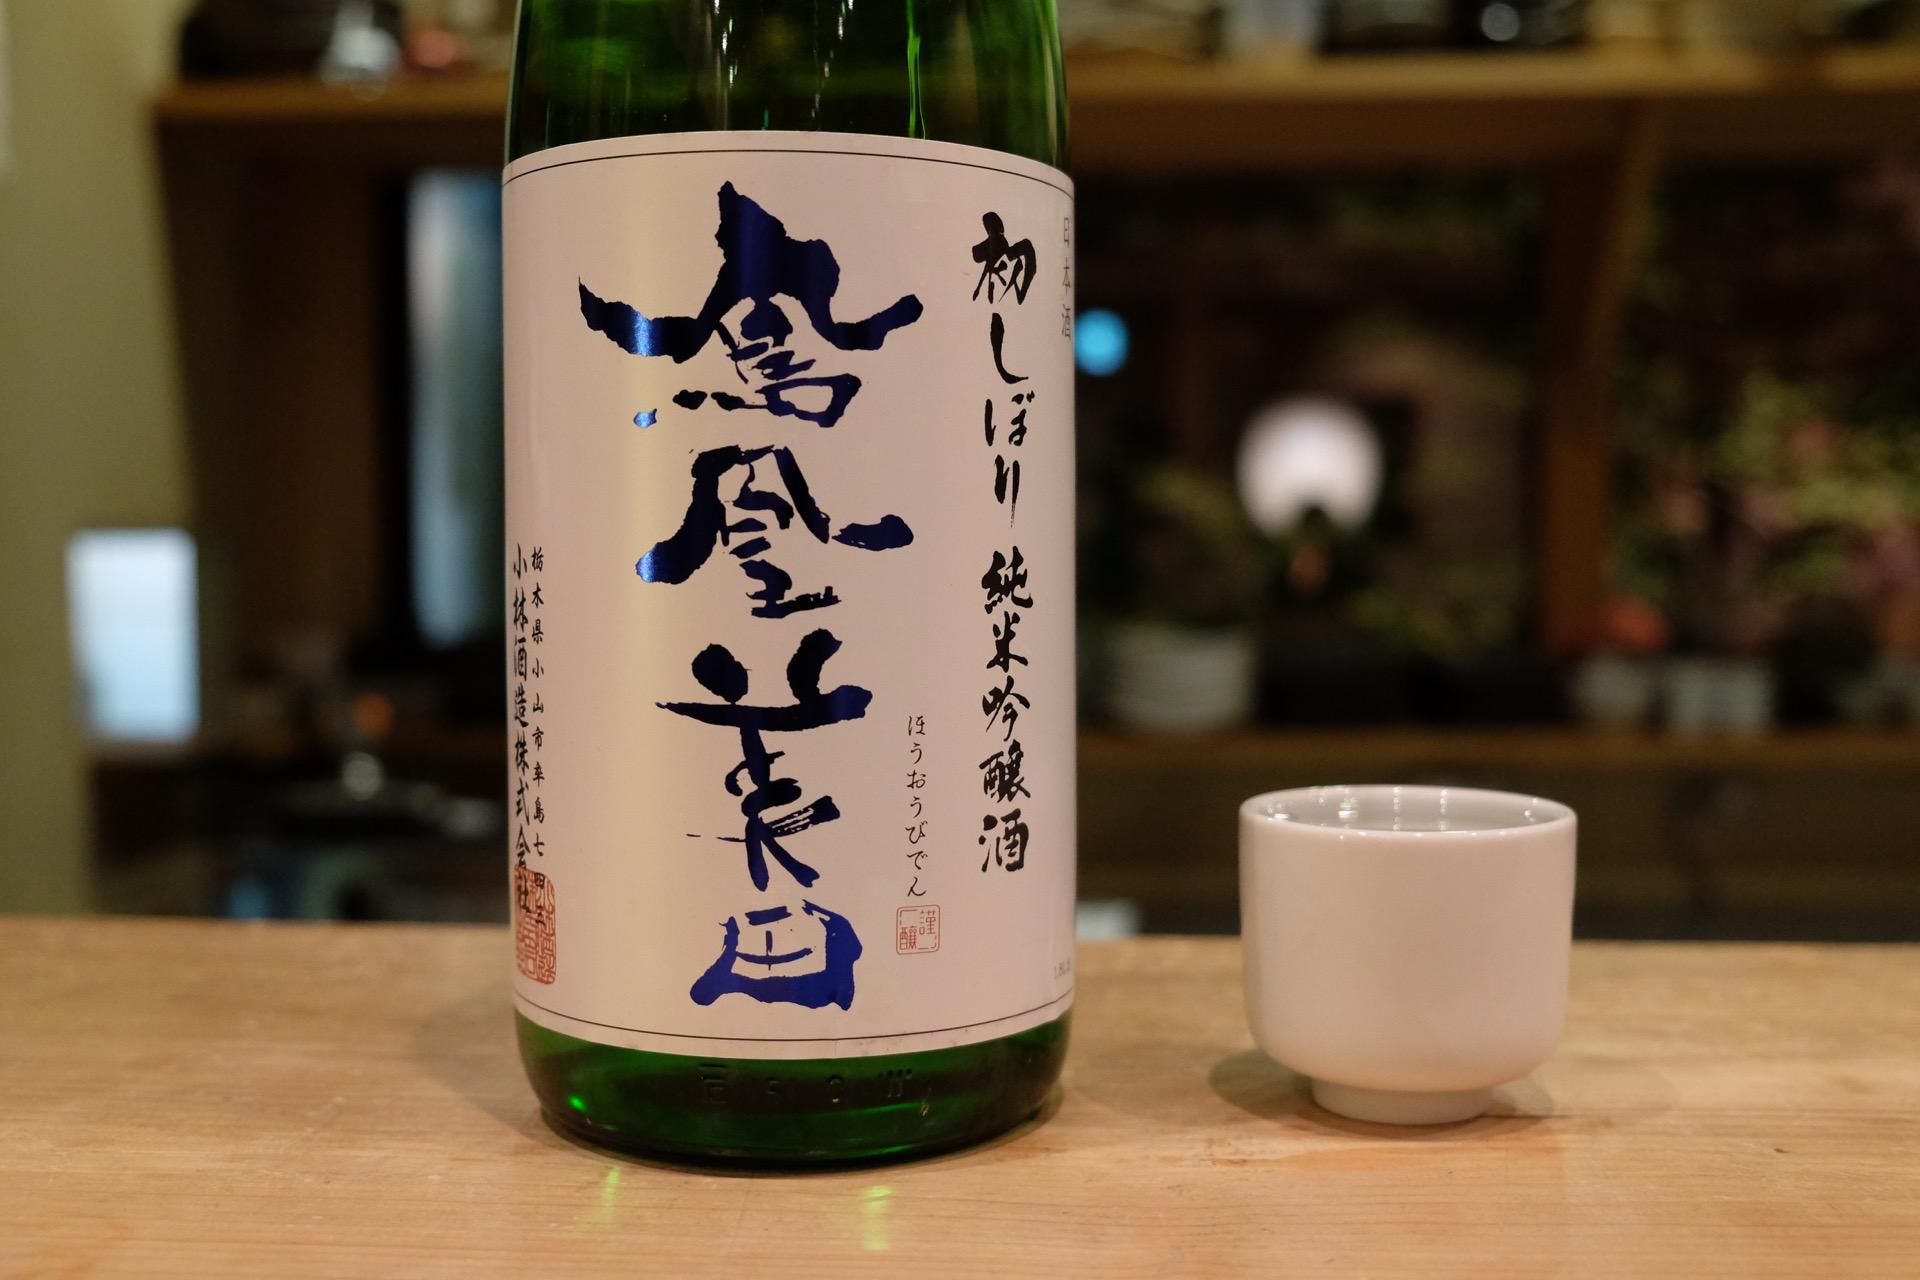 鳳凰美田 初しぼり無濾過本生 純米吟醸酒|日本酒テイスティングノート